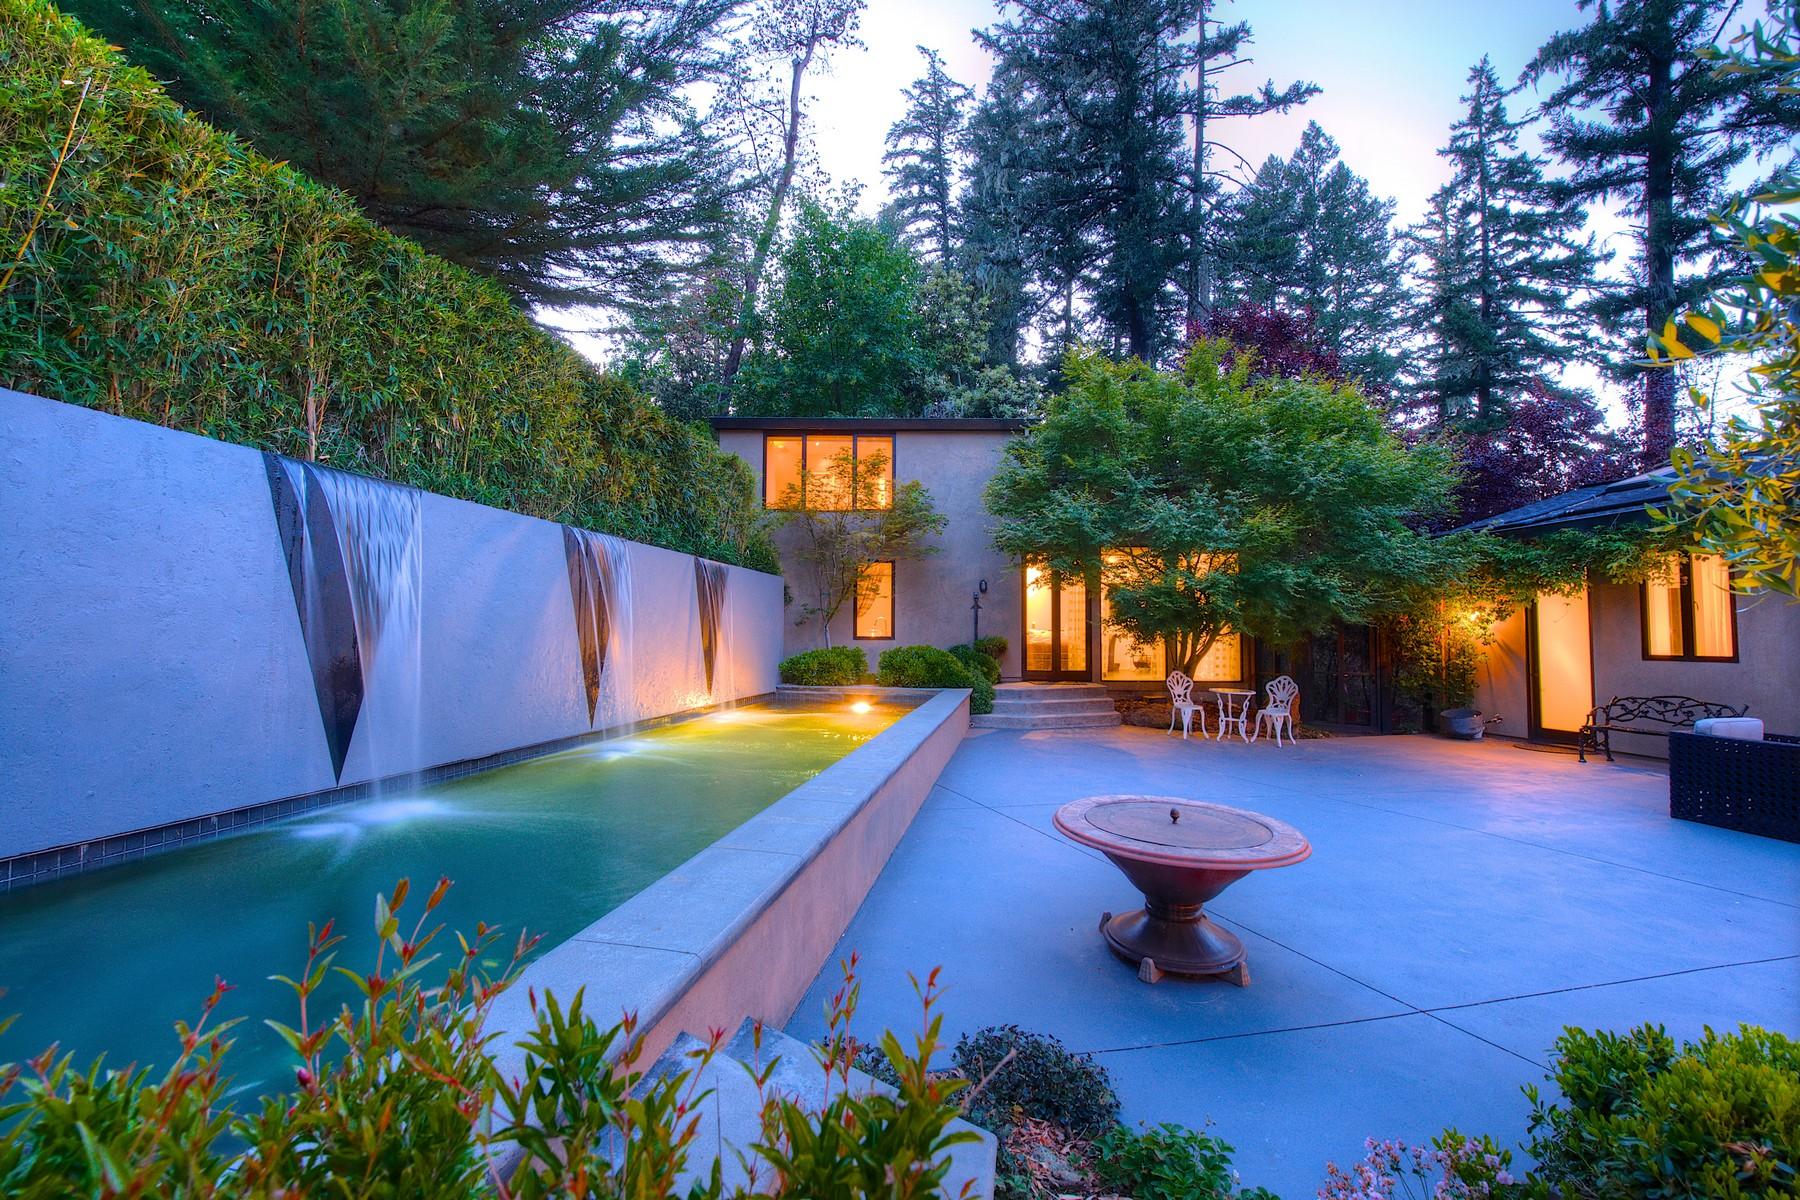 獨棟家庭住宅 為 出售 在 Country Residence 12 Meadow View Lane San Geronimo, 加利福尼亞州 94963 美國